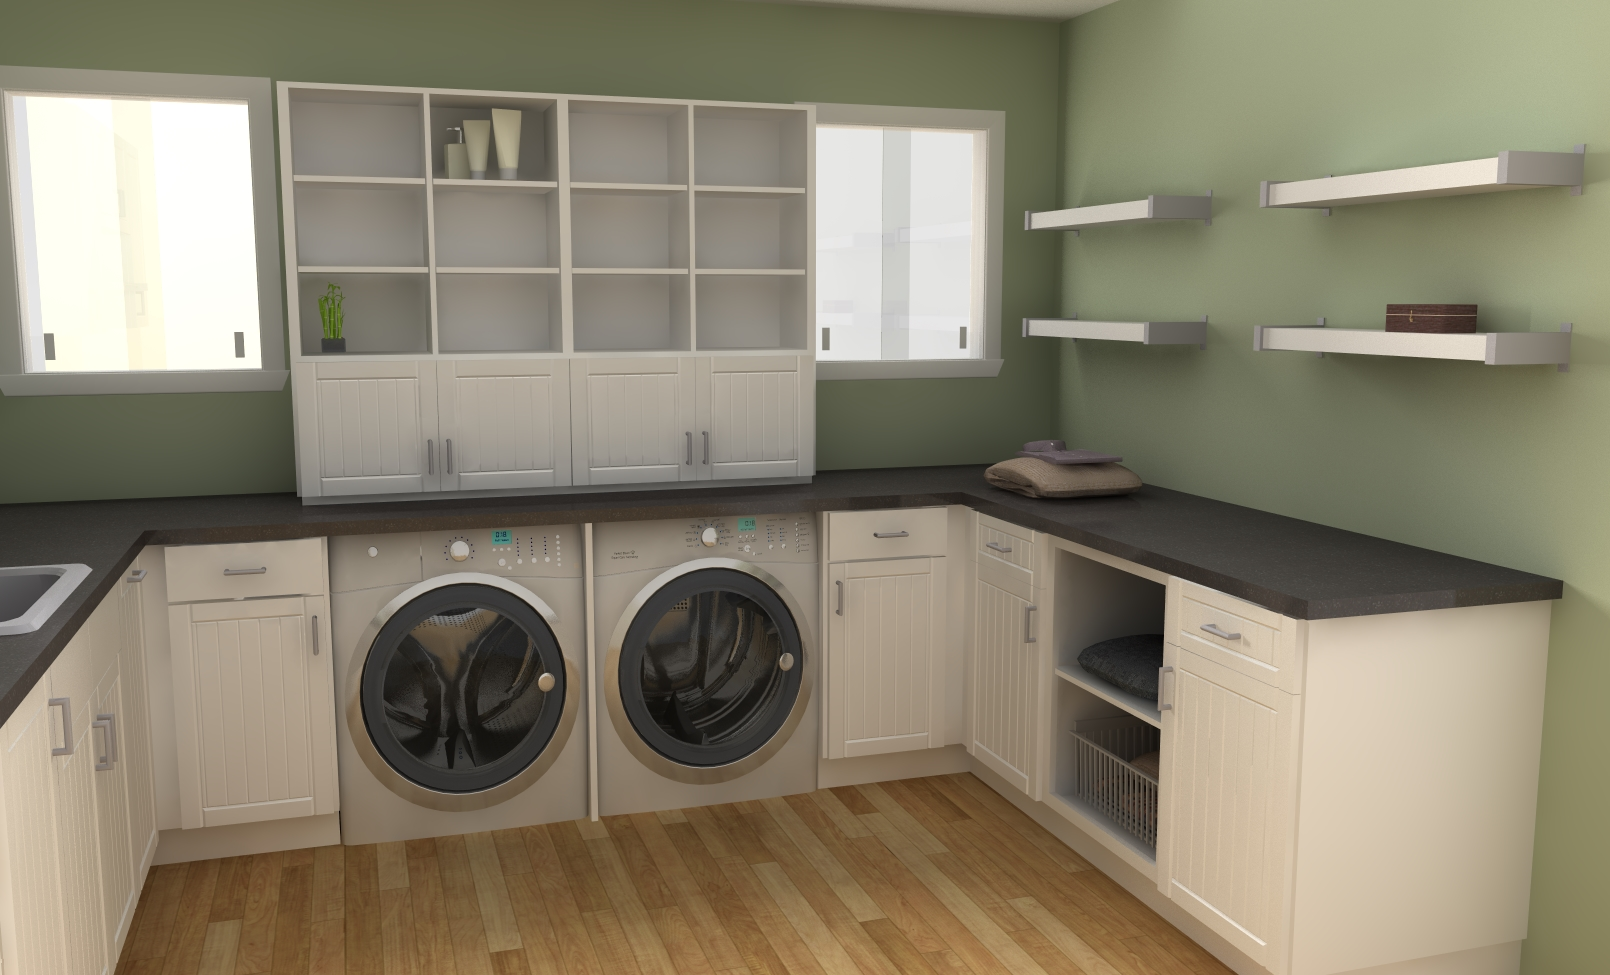 Ikea laundry room ideas for Open laundry room ideas